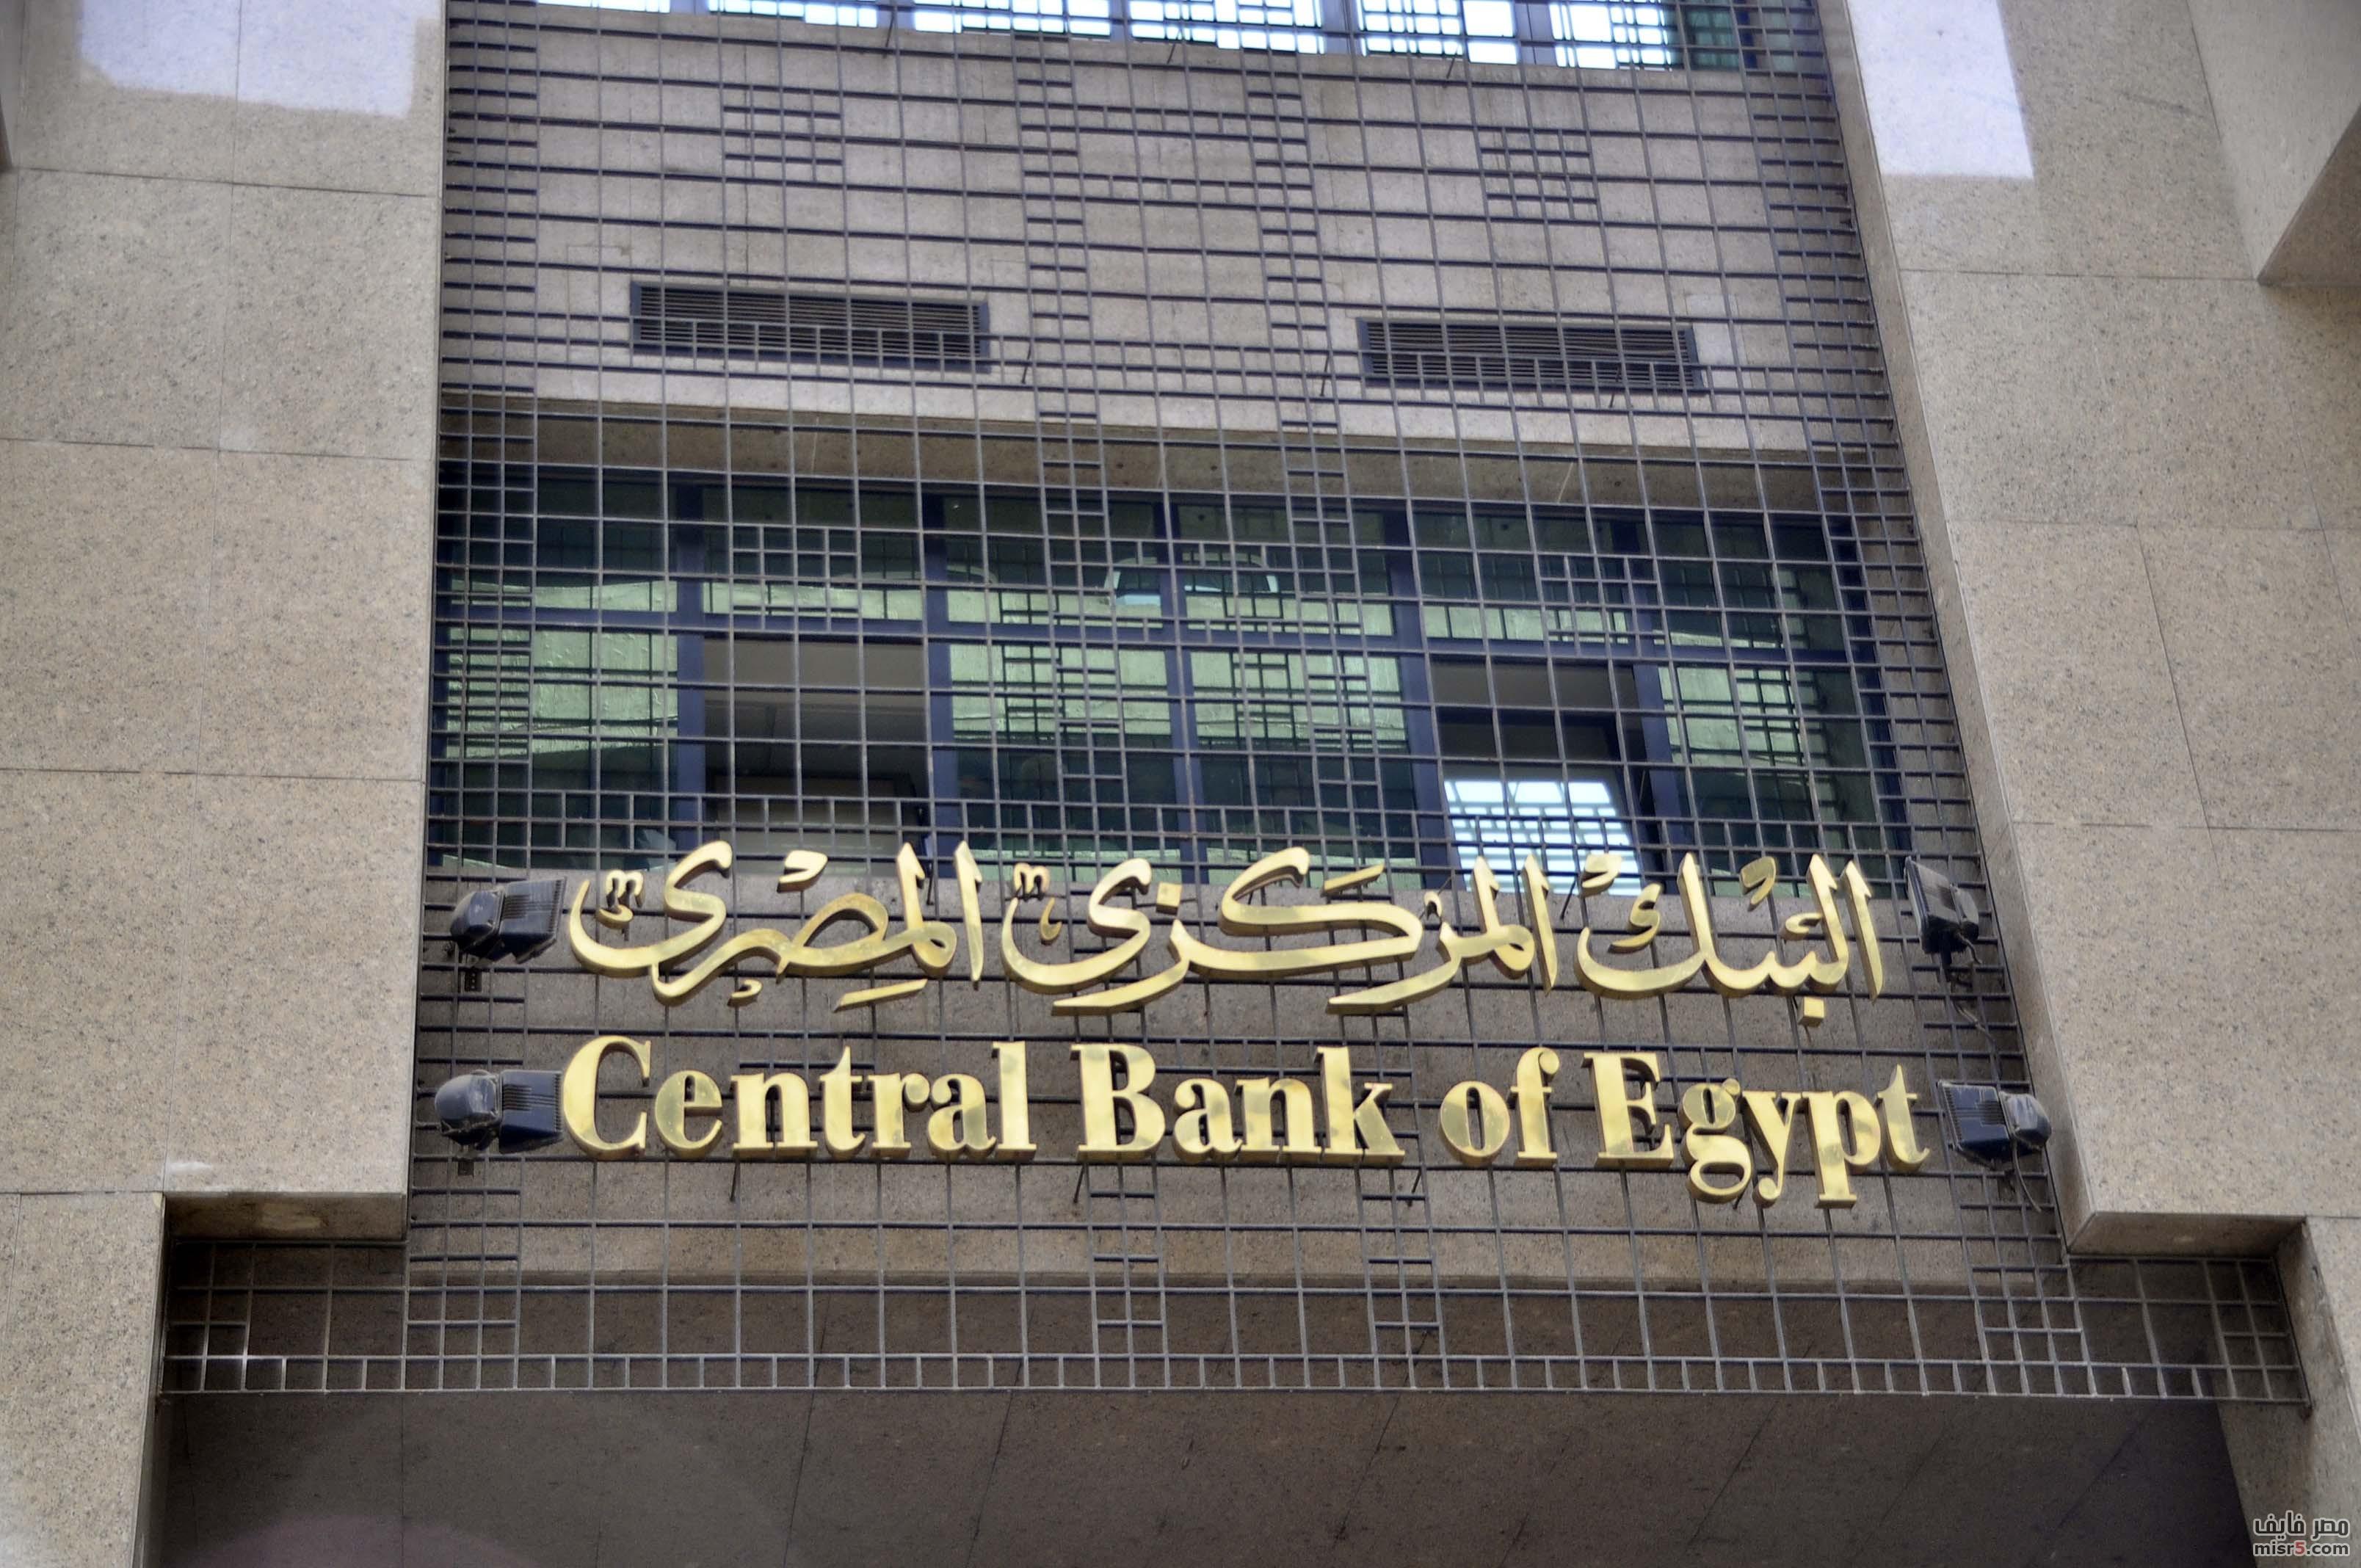 البنك المركزي المصري :الإمارات وافقت على تجديد وديعة بقيمة 2.6 مليار دولار